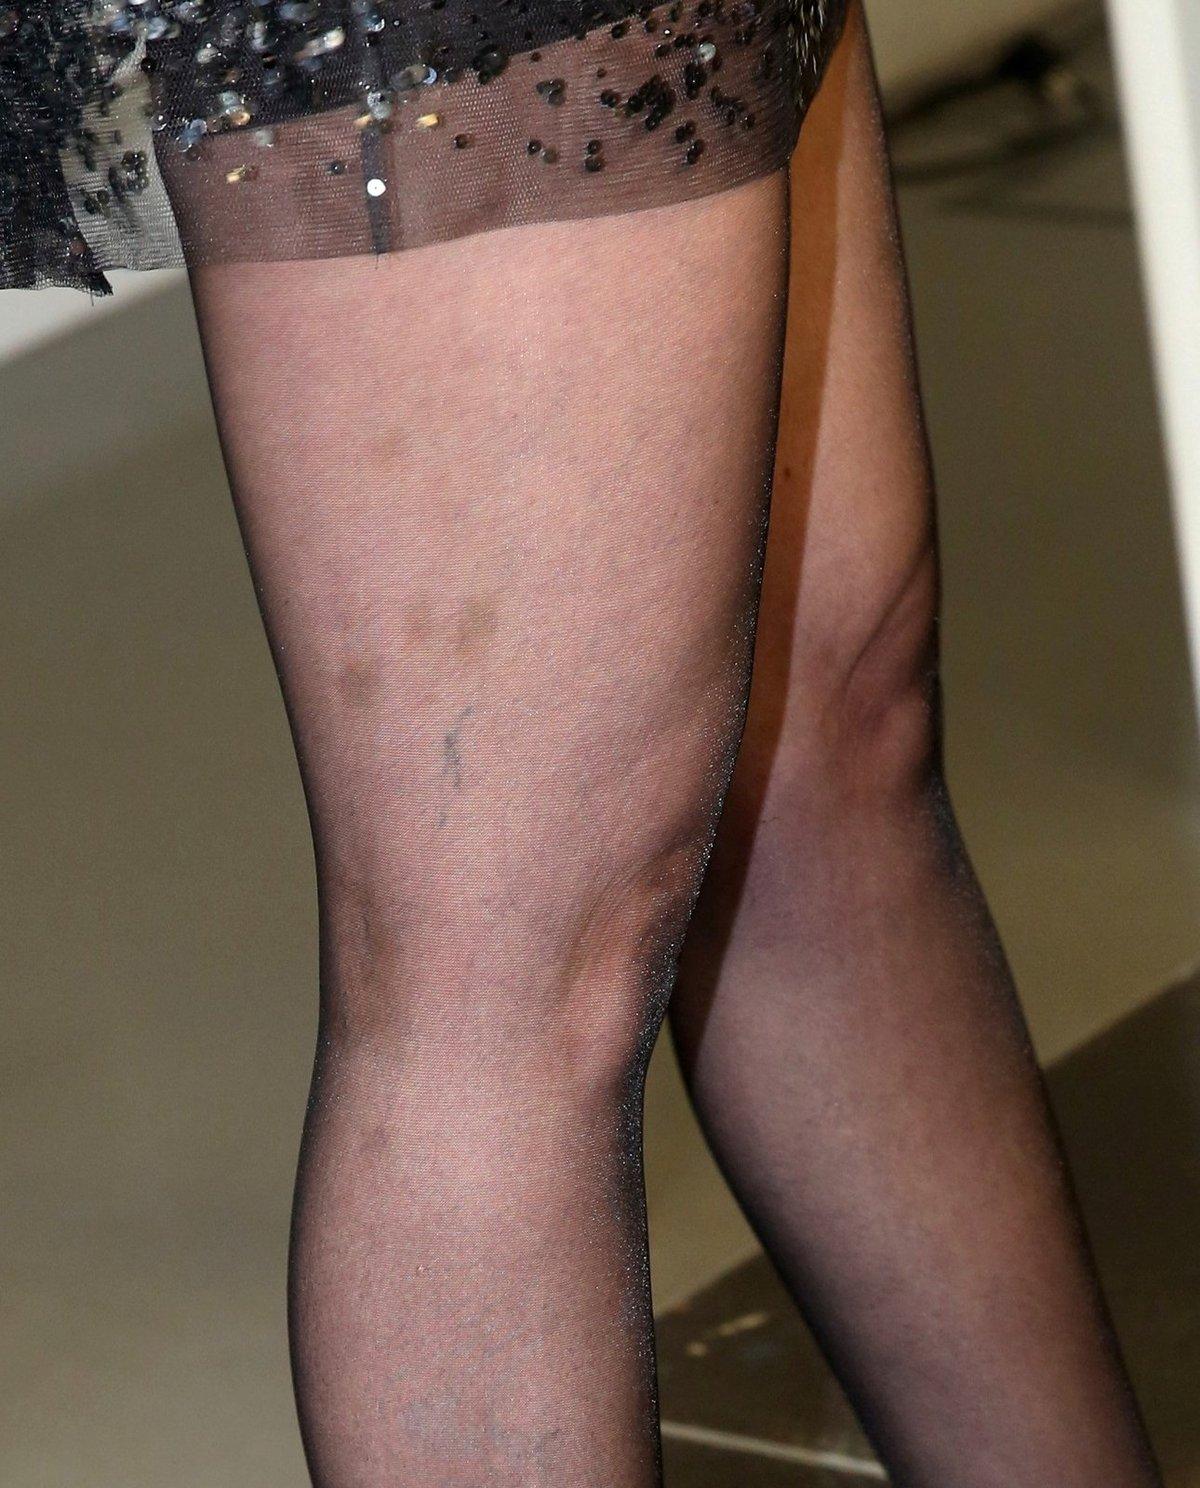 Zpěvaččiny nohy vypadají v současné době, jako by byla příbuzná dalmatina.